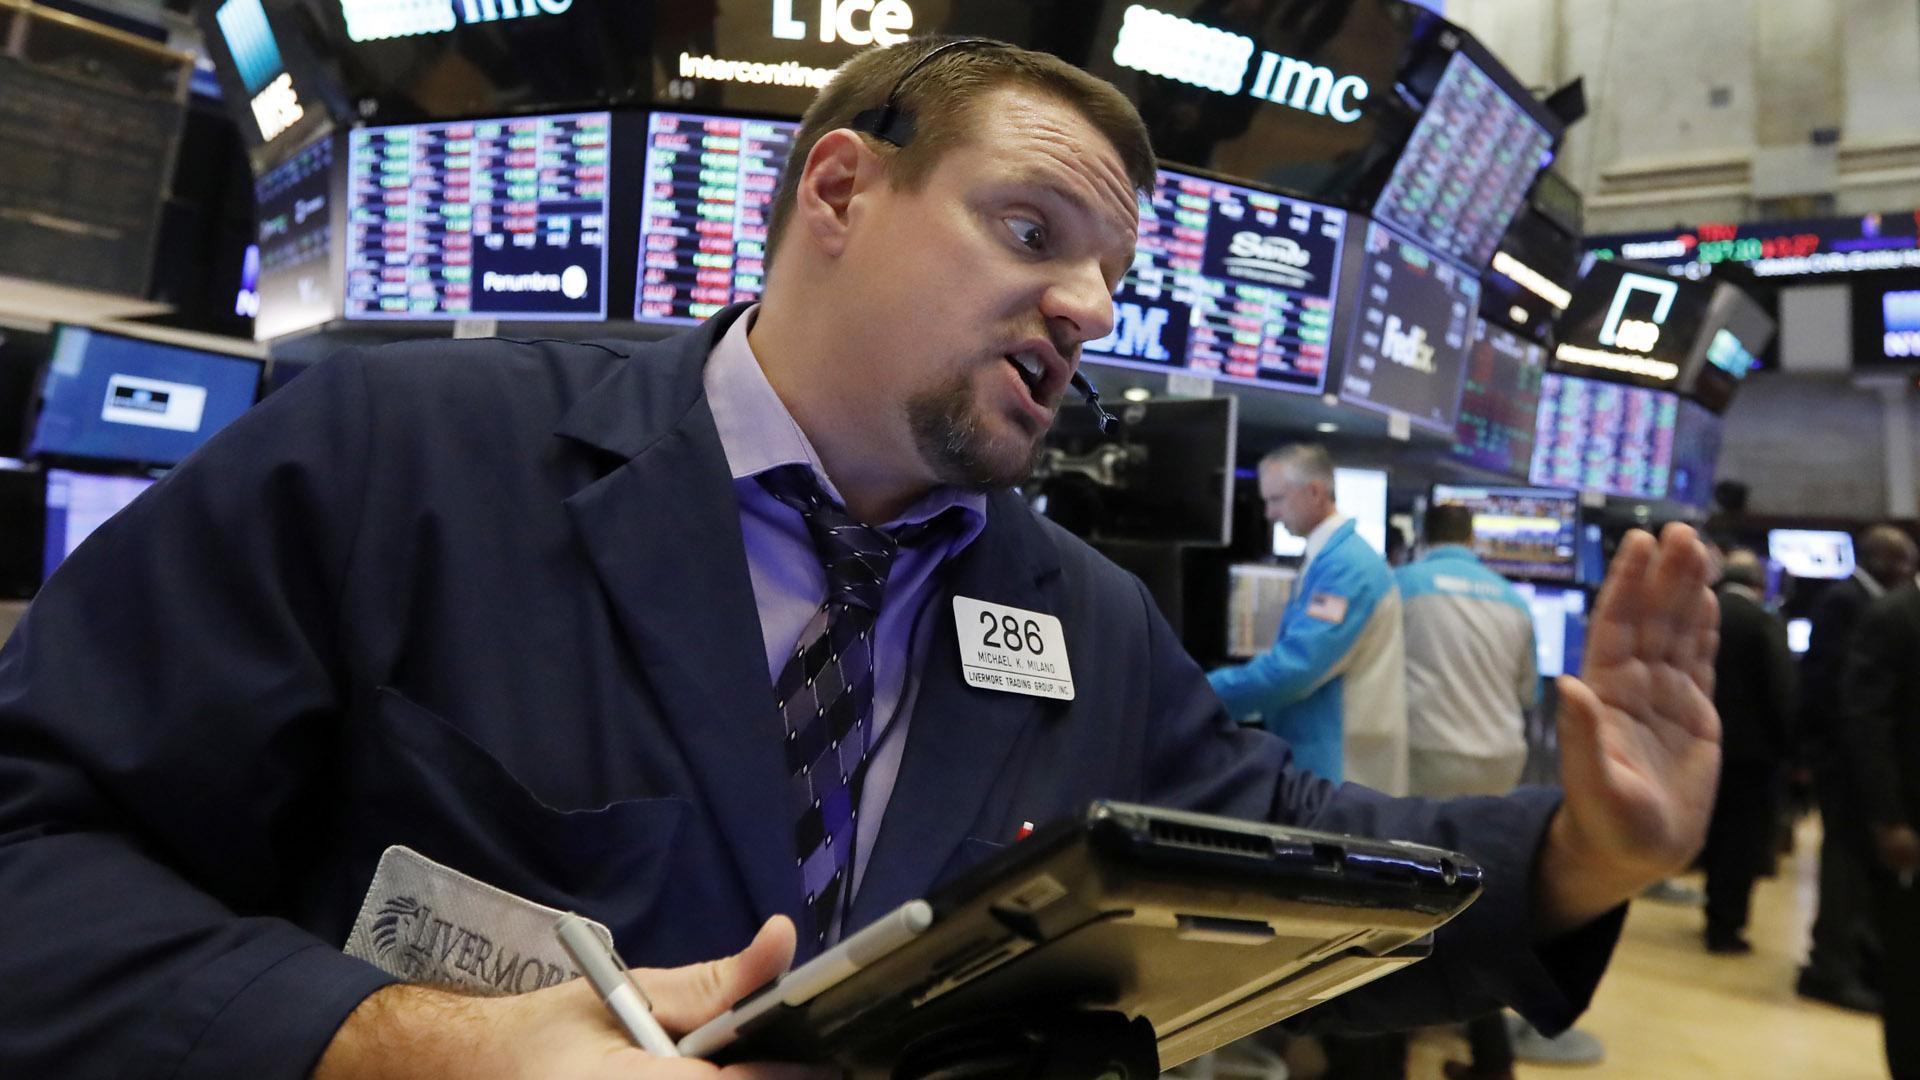 new york stock exchange 010319 AP_1546561548331